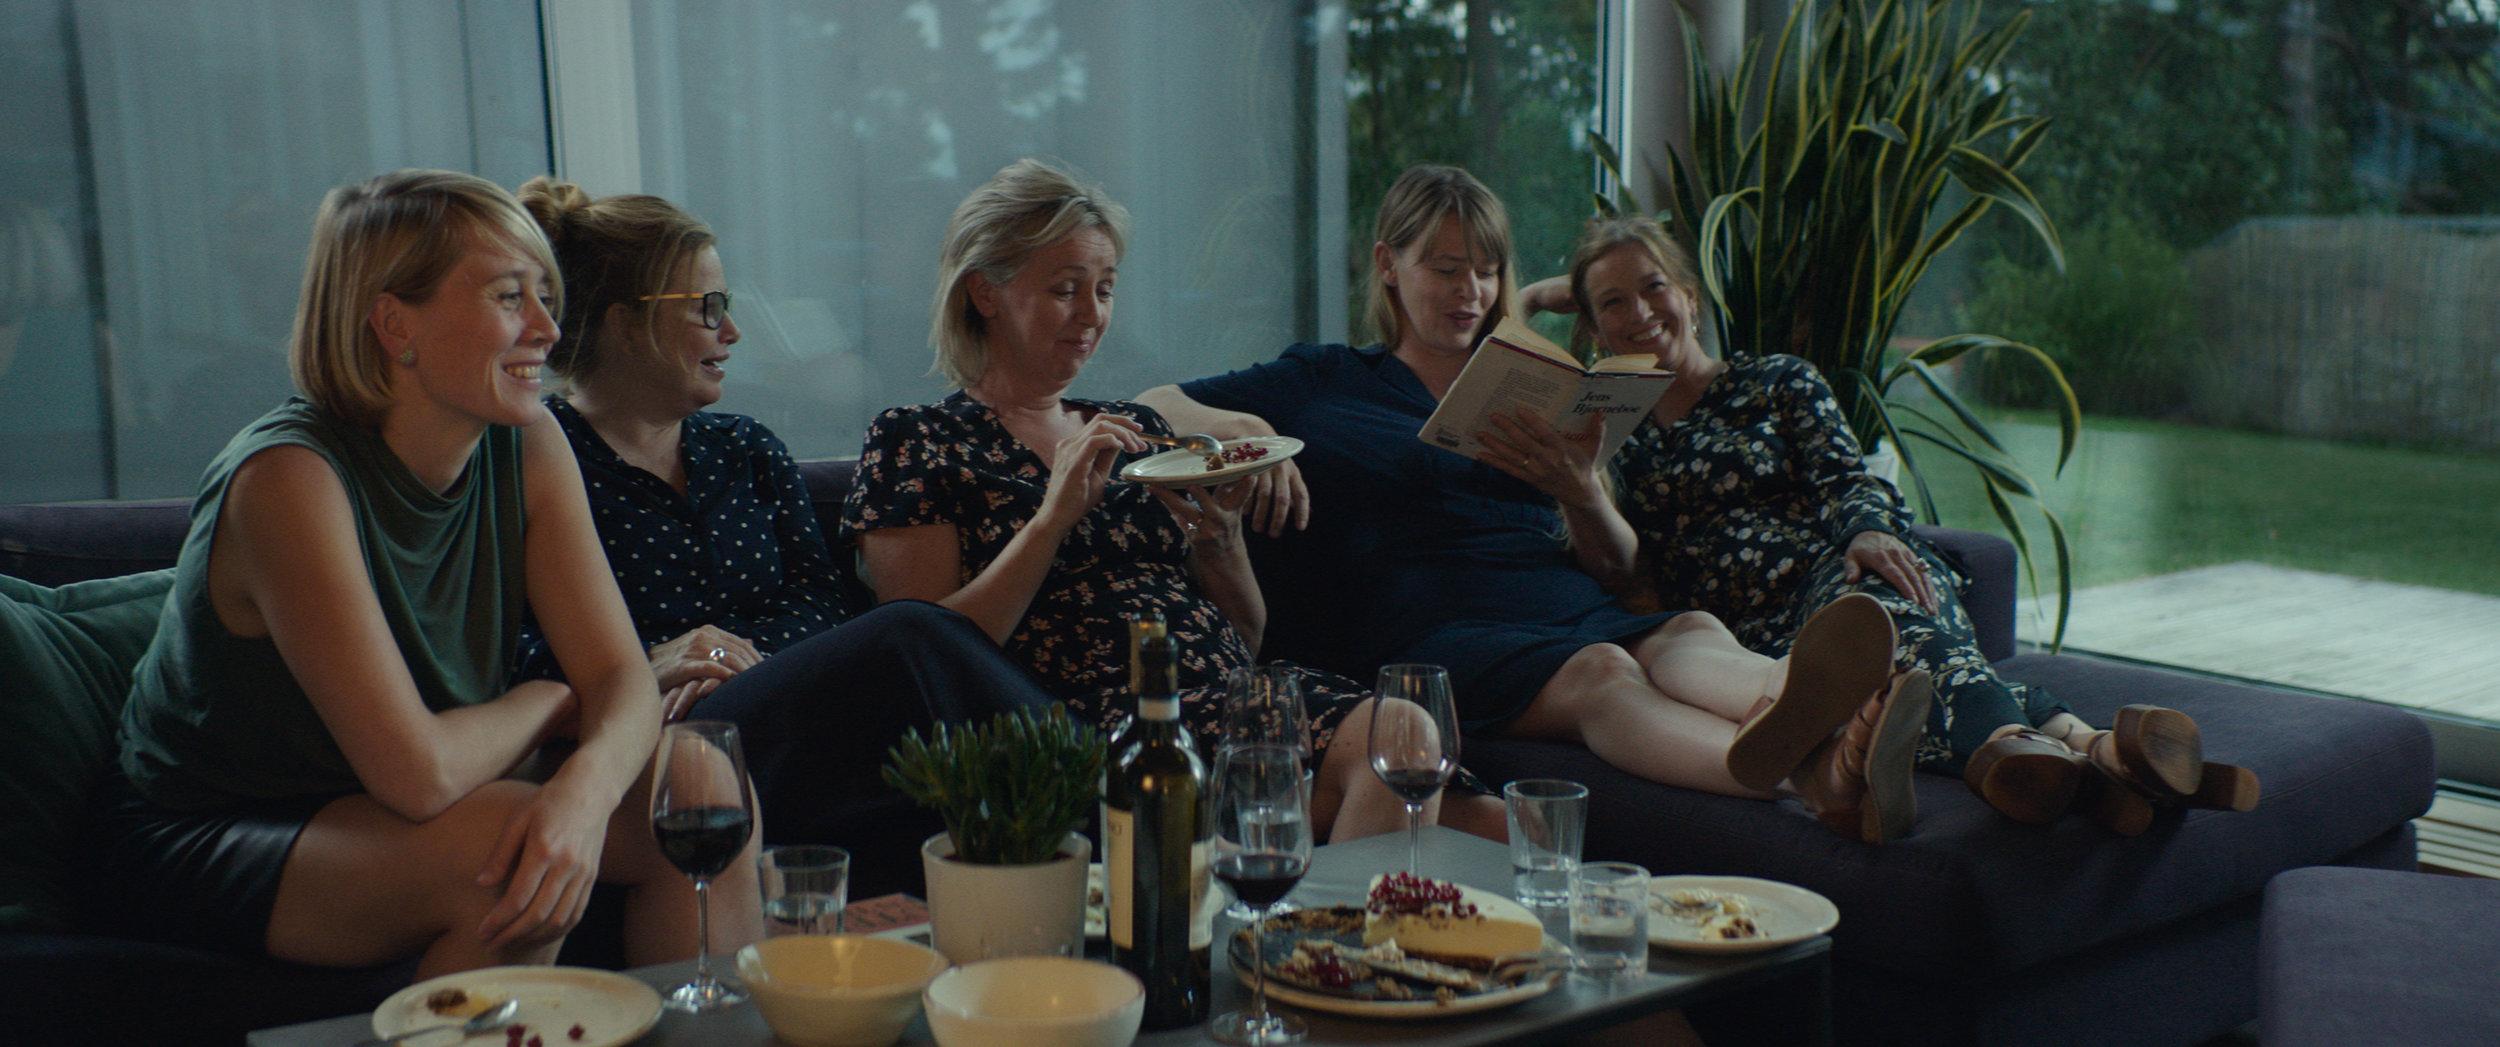 Fem venninner som Anita blir kjent med, er ganske opptatt av å lese om sex i bøkene de låner.